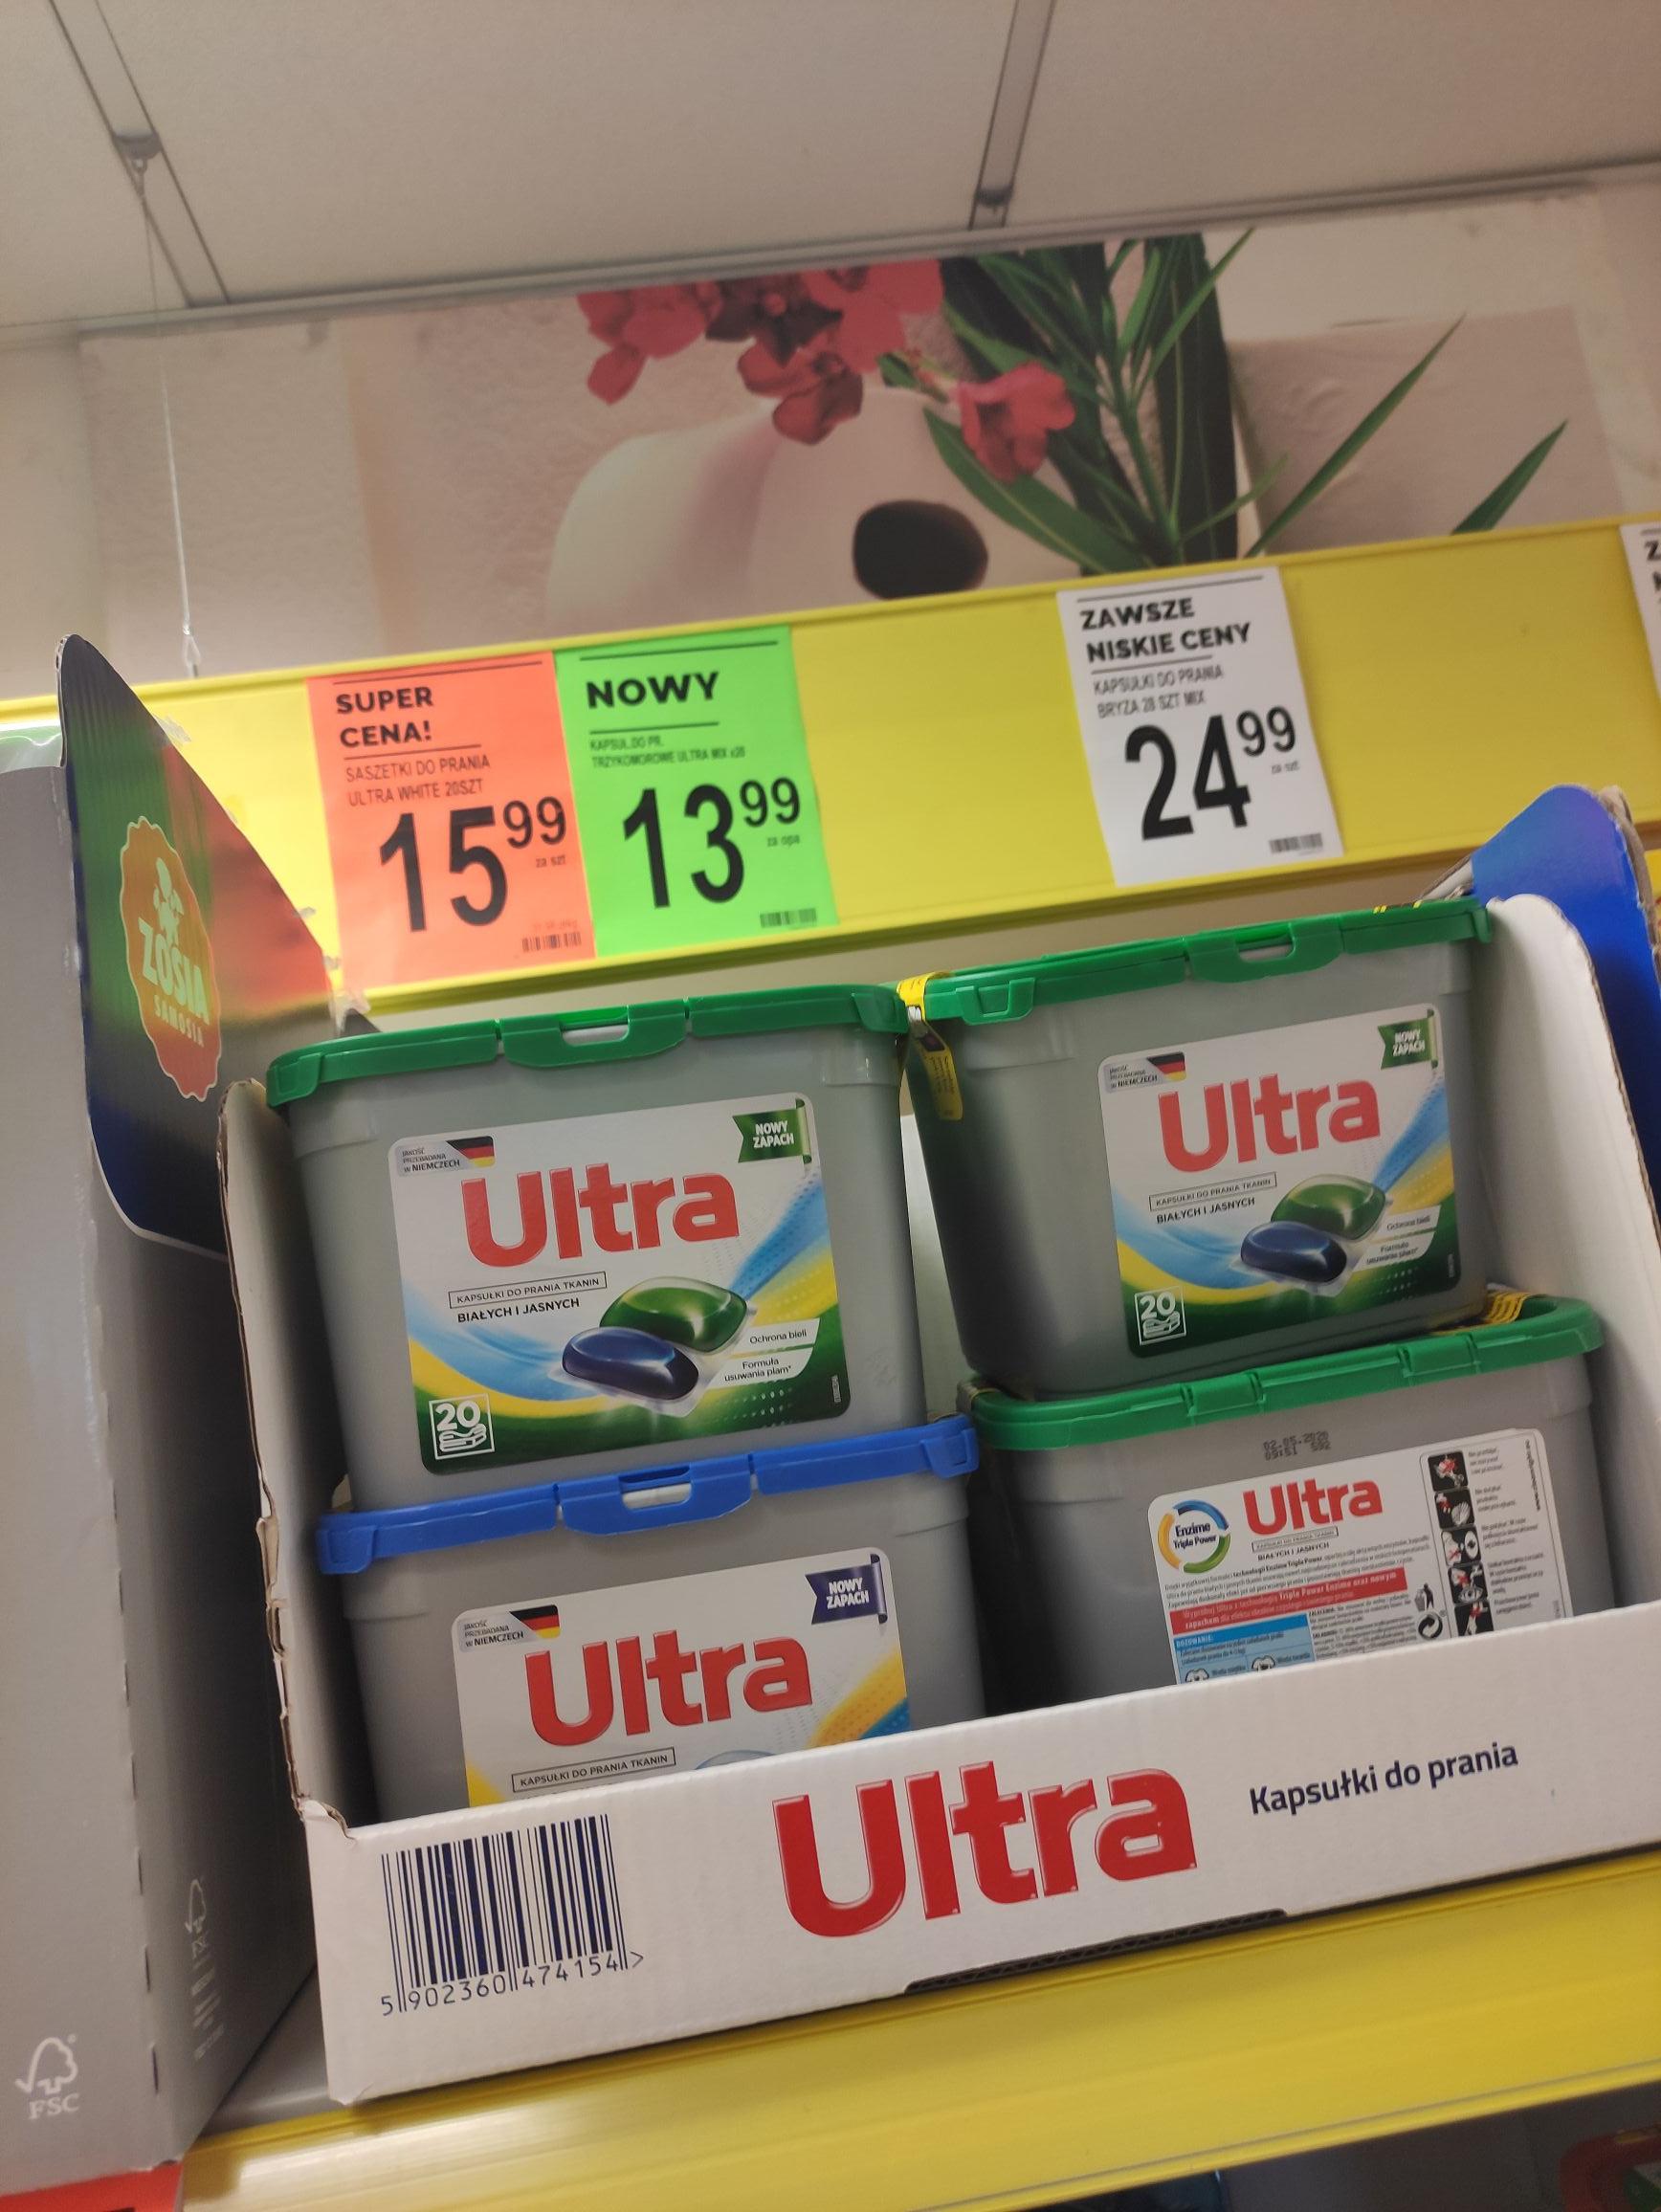 Kapsułki do prania Ultra 20 szt za 4.99zł - Biedronka